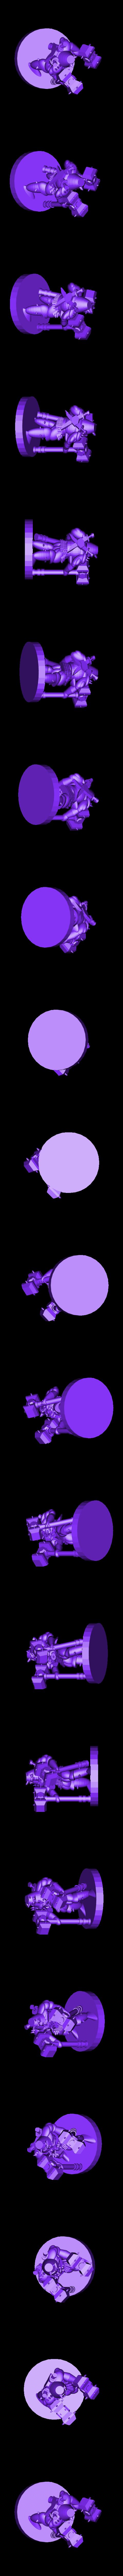 Dwarf_Barb_2_Hammers.stl Download free STL file DnD Dwarf • 3D printable object, mrhers2